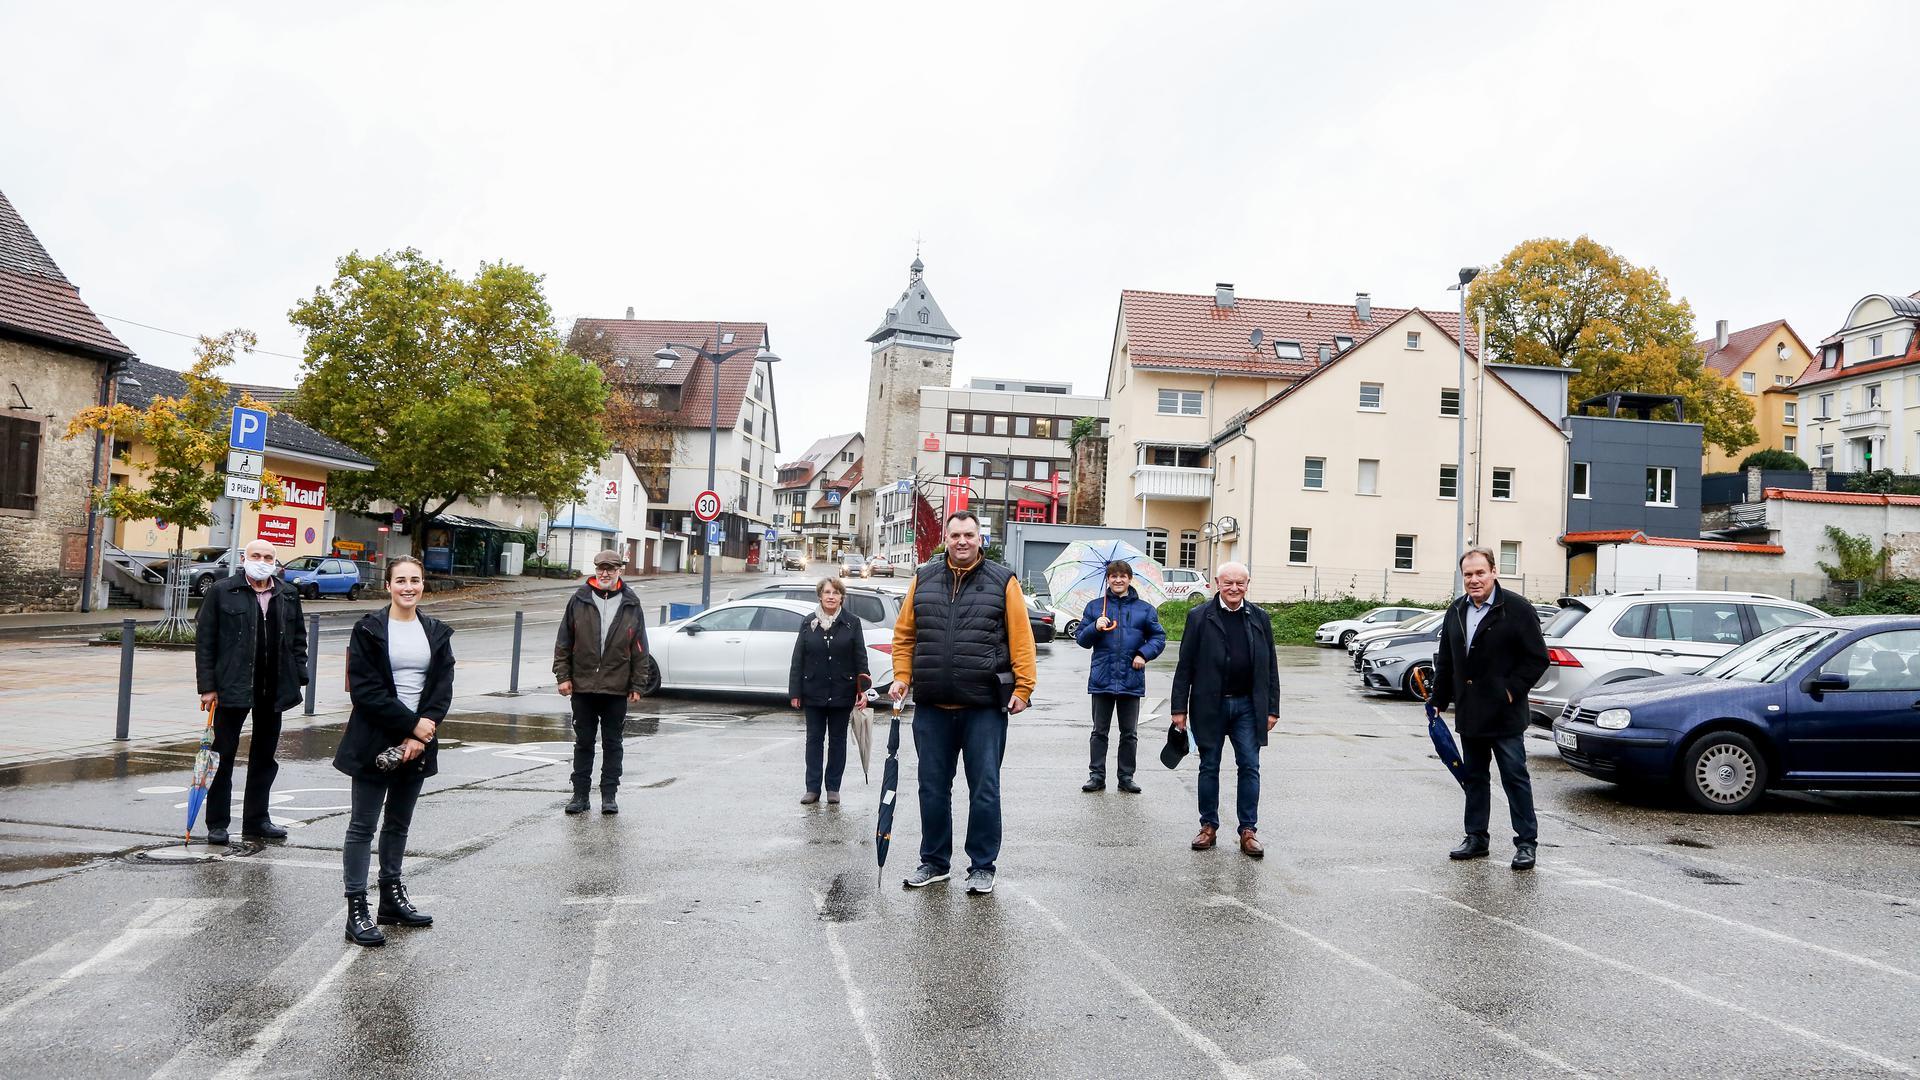 Stadtspaziergang der Brettener CDU-Fraktion mit Landtagskandidat Ansgar Mayr (Vierter von rechts) auf dem Sporgassen-Parkplatz.